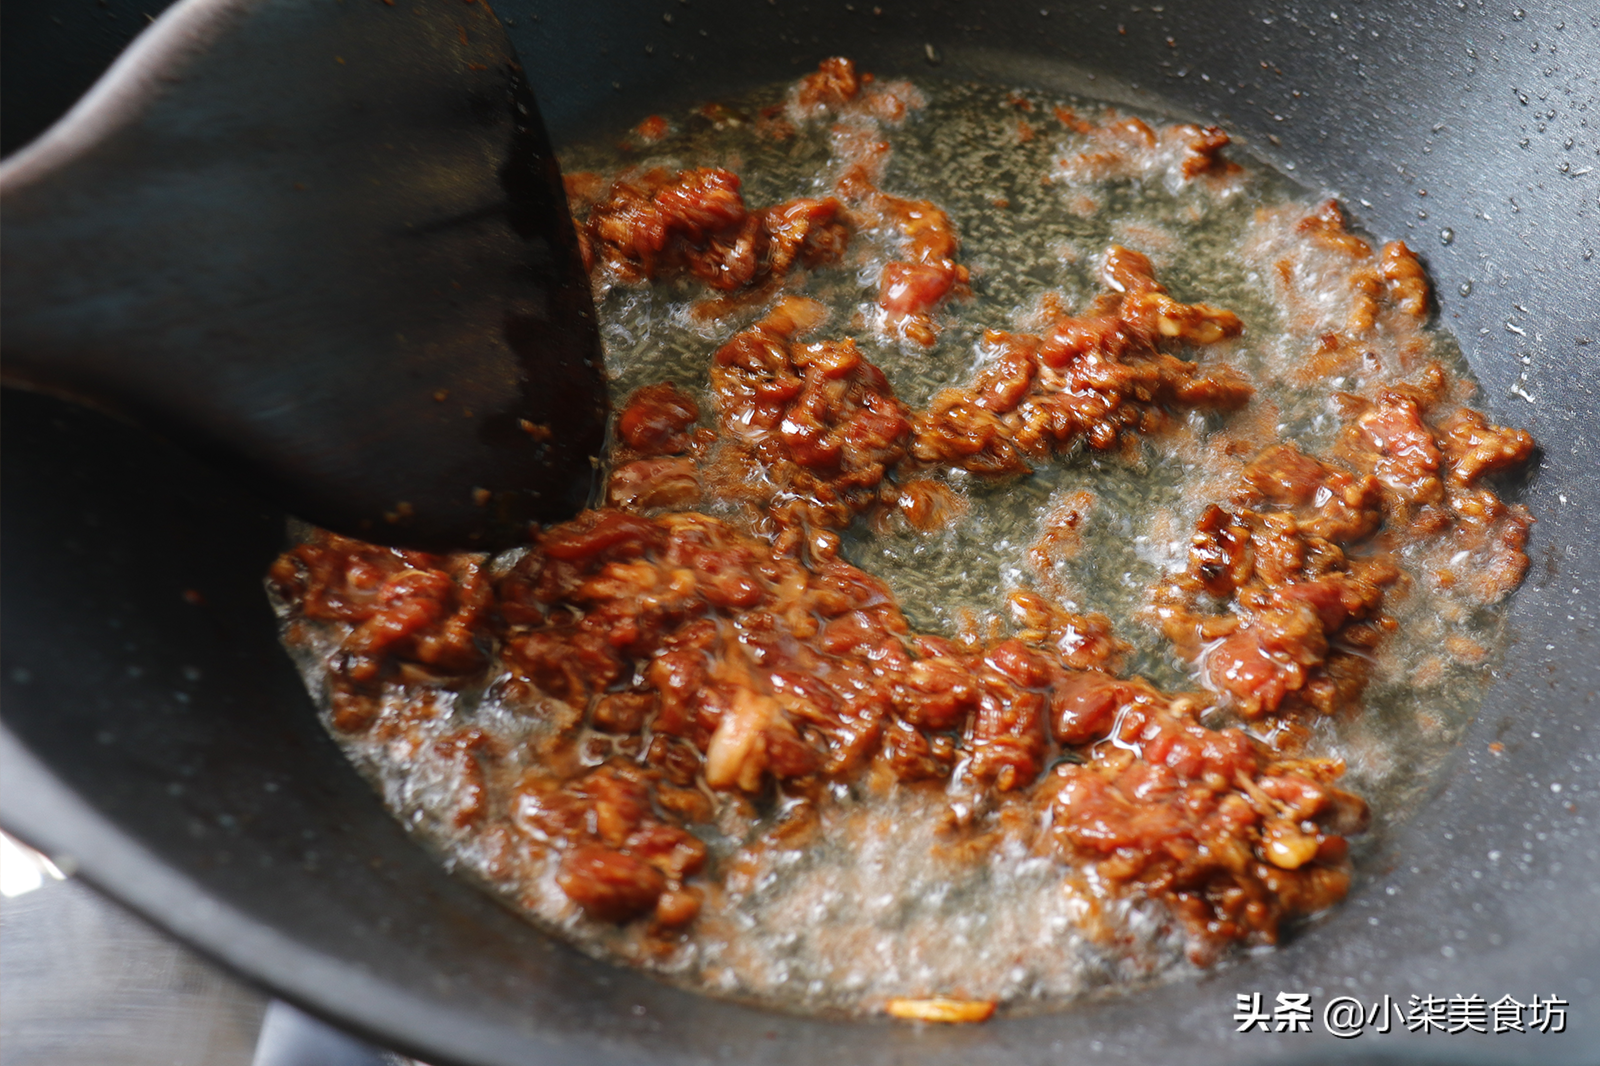 炒豆角时,切记不要直接下锅炒,多加2步,鲜嫩入味,营养又下饭 美食做法 第8张